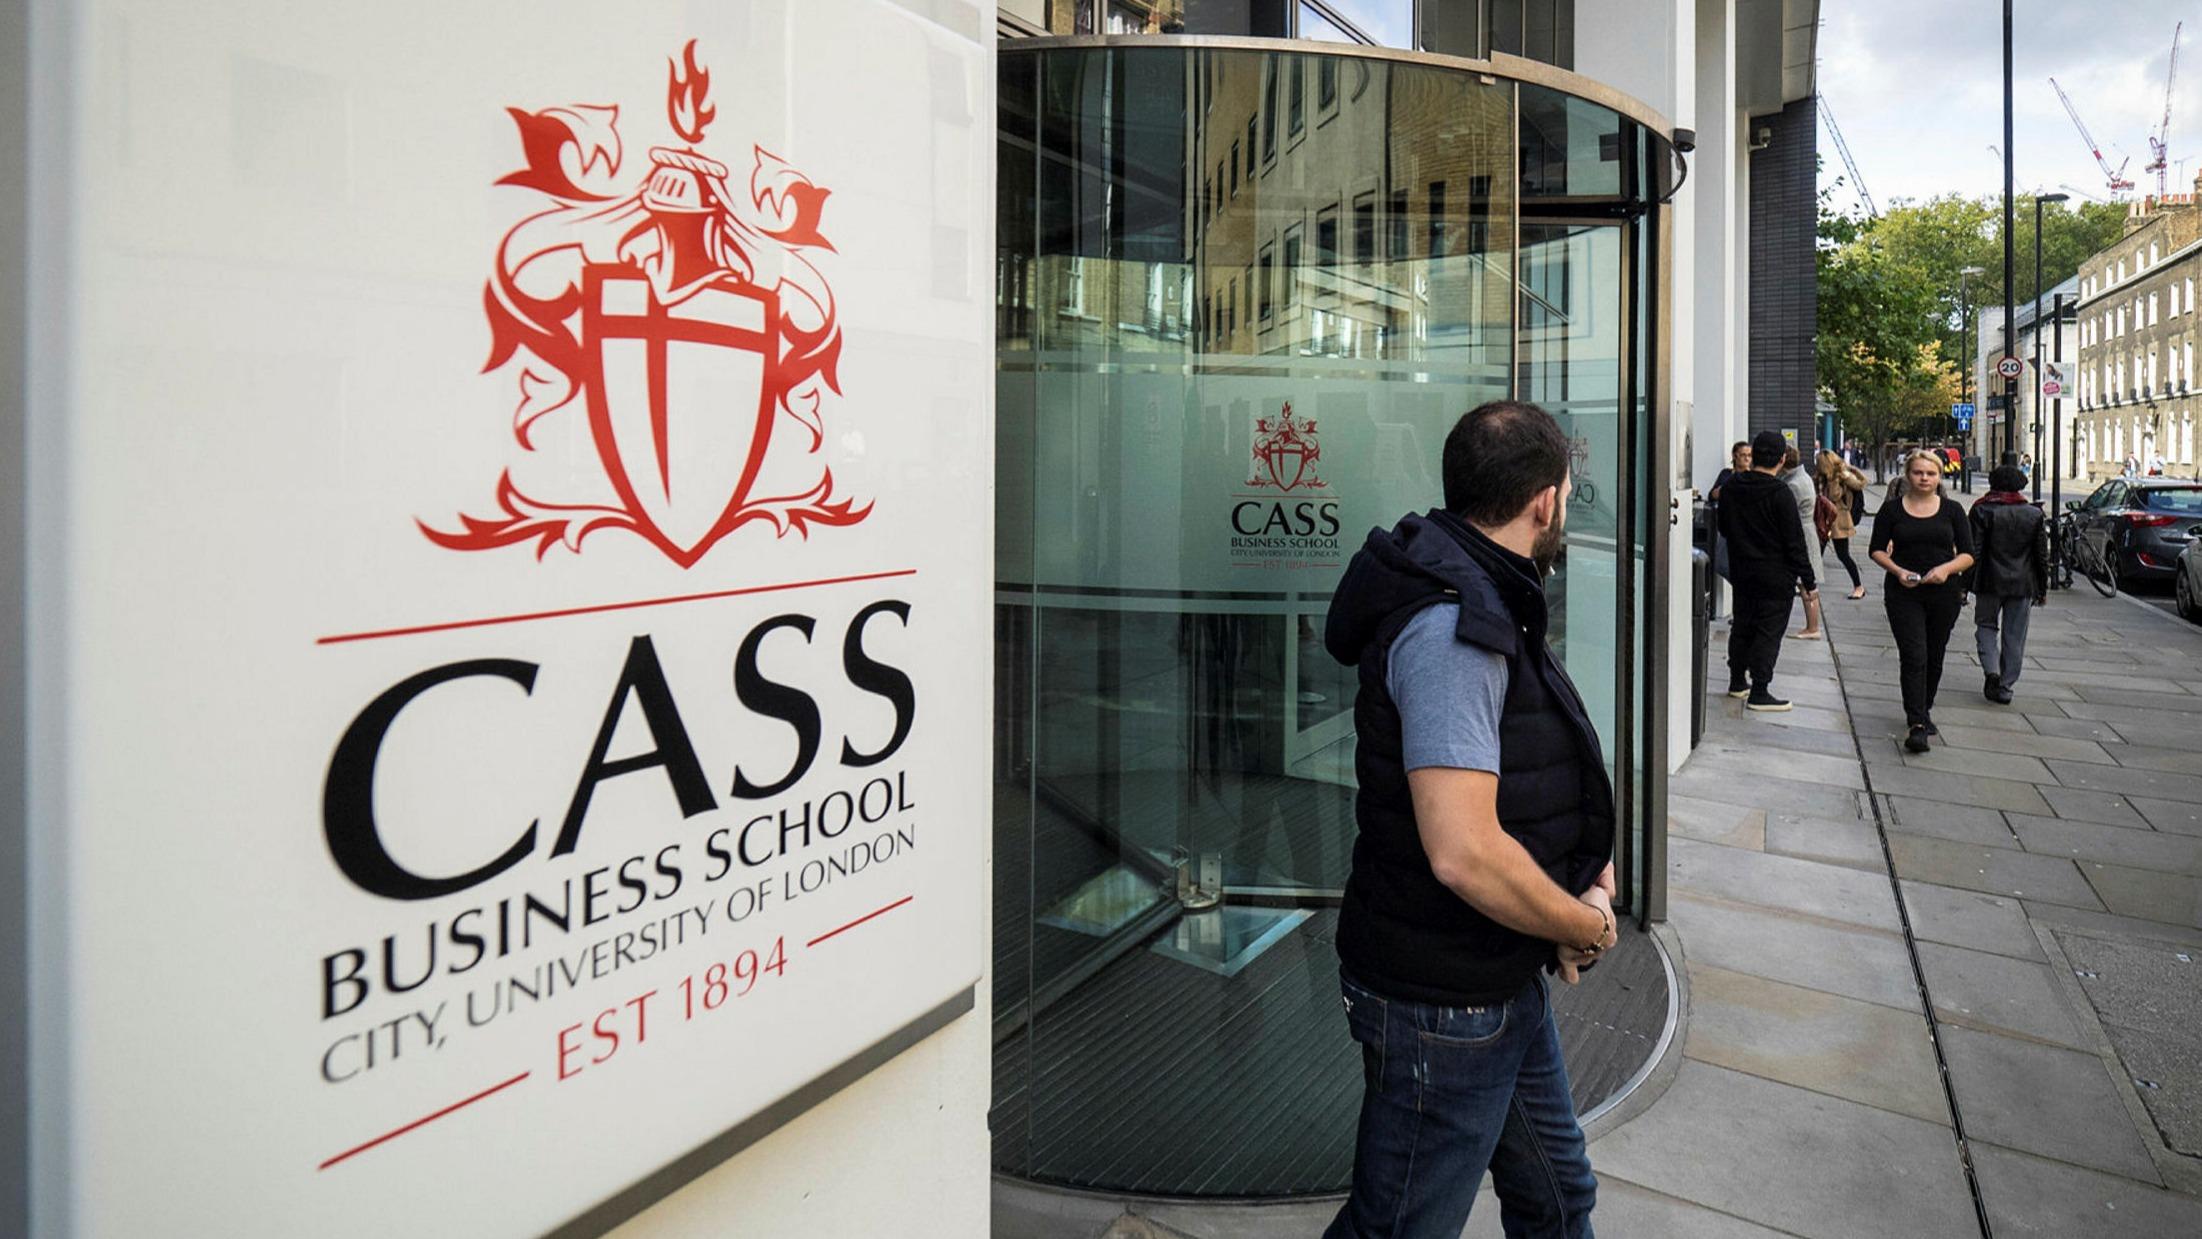 بورسیه دانشکده Cass انگلستان